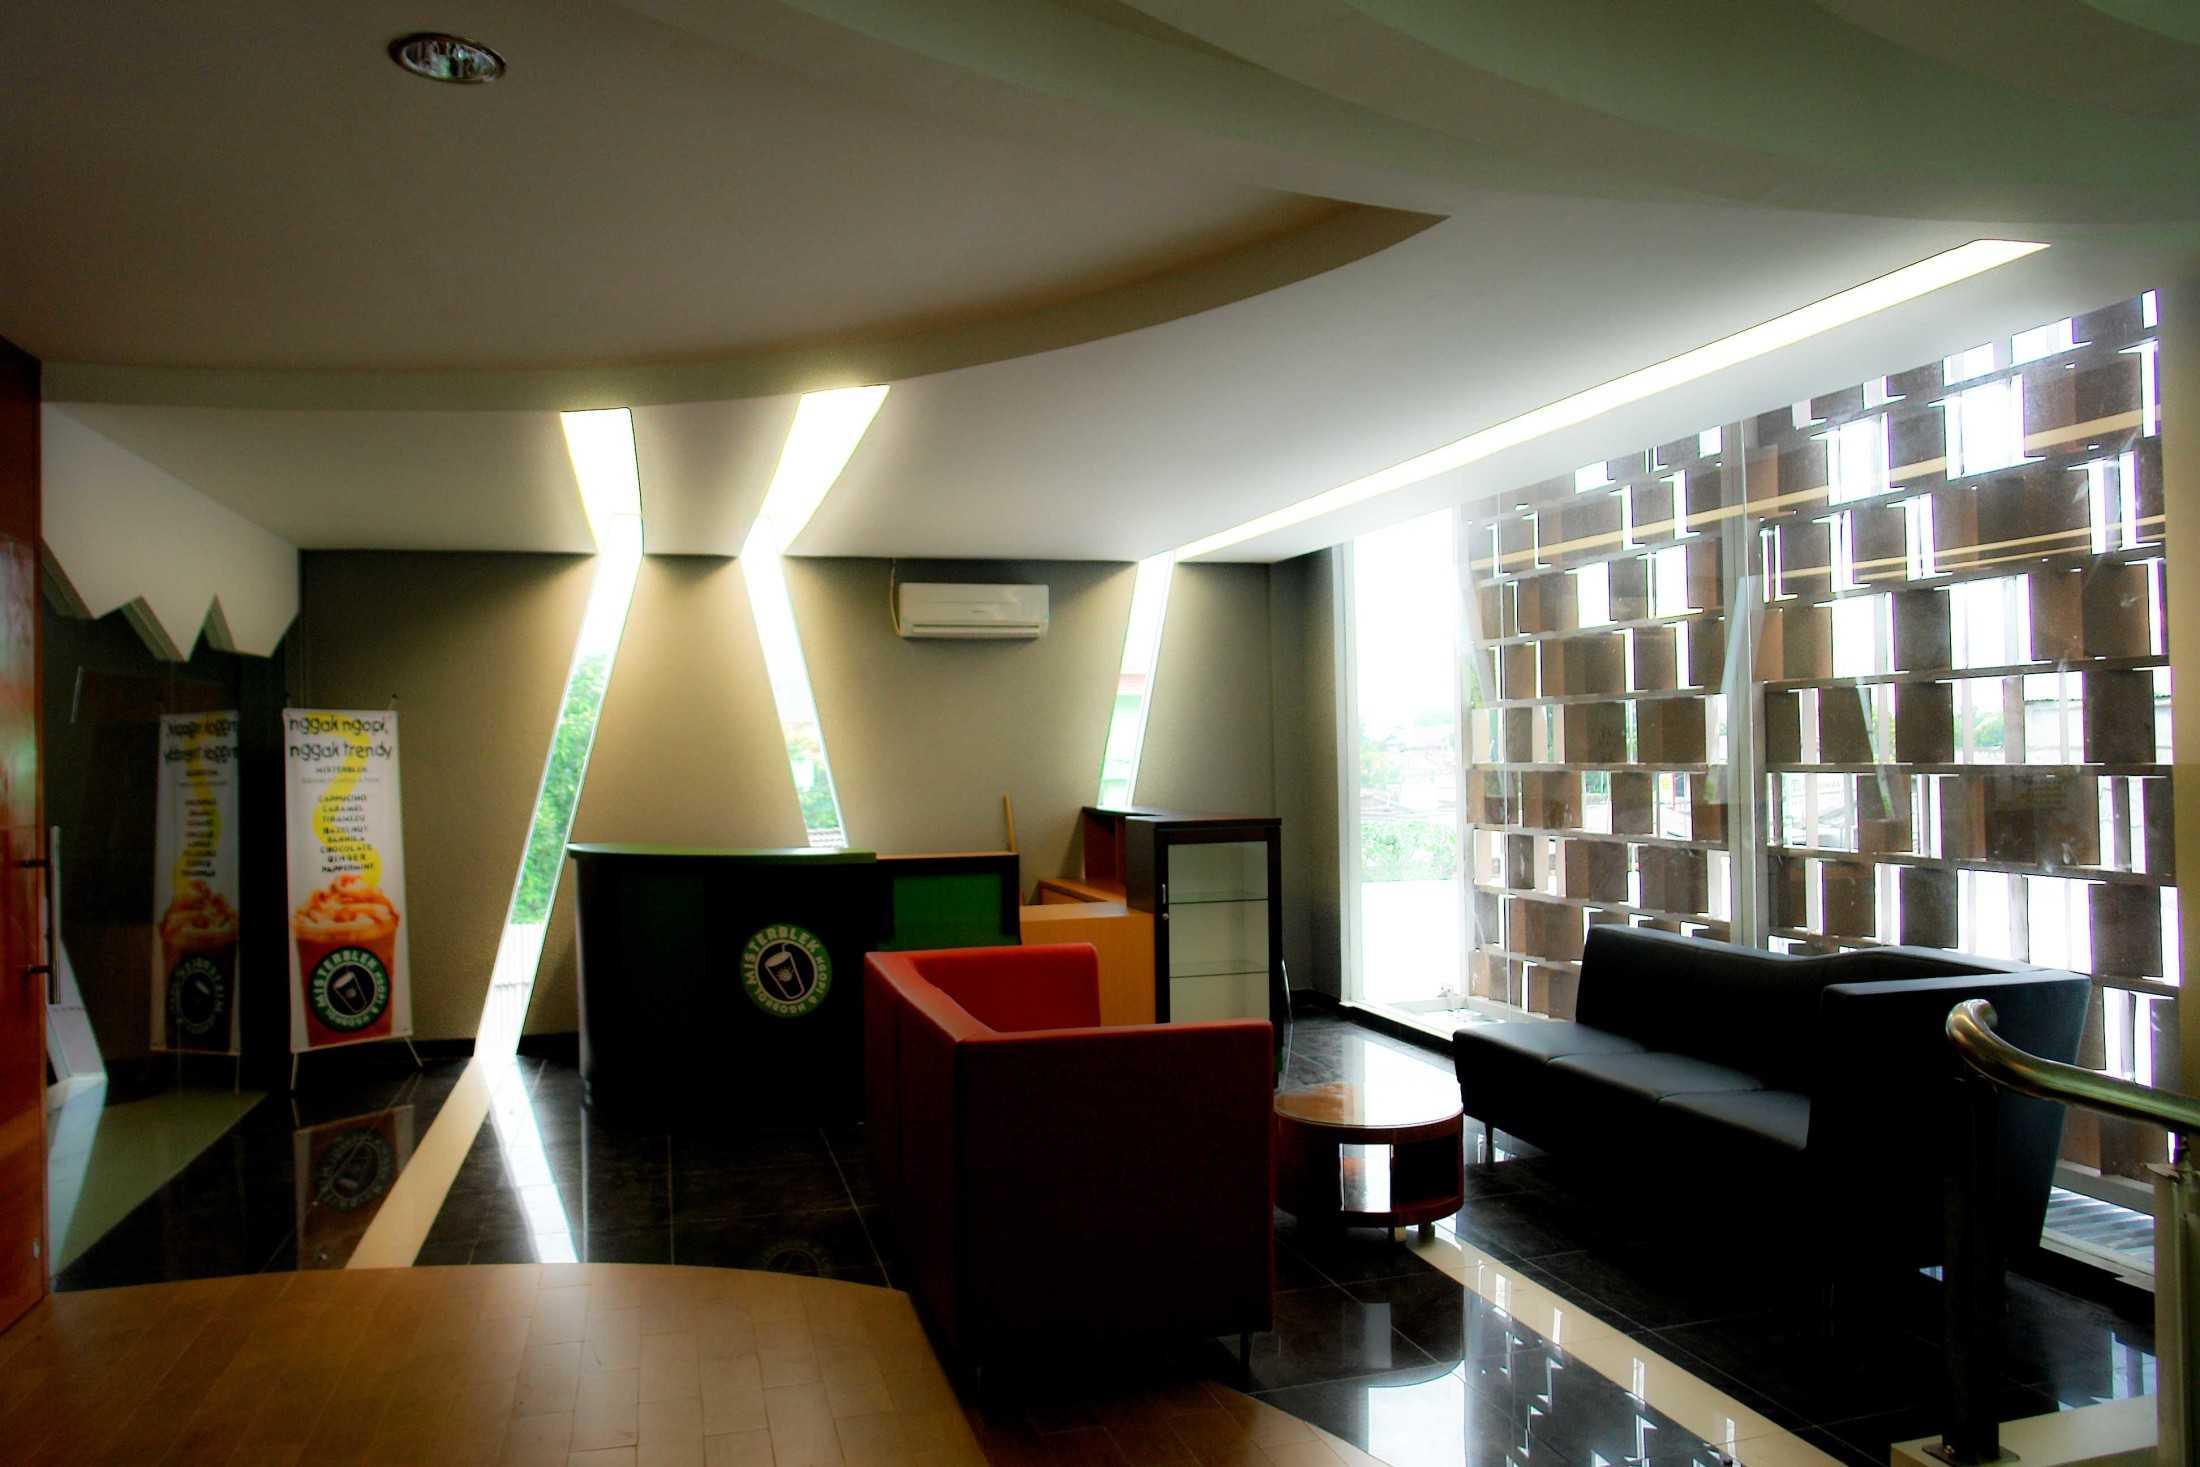 Im Design Associates Suzuki Showroom @ Cimanggis Kec. Cimanggis, Kota Depok, Jawa Barat, Indonesia Kec. Cimanggis, Kota Depok, Jawa Barat, Indonesia Im-Design-Associates-Suzuki-Showroom-Cimanggis  73059